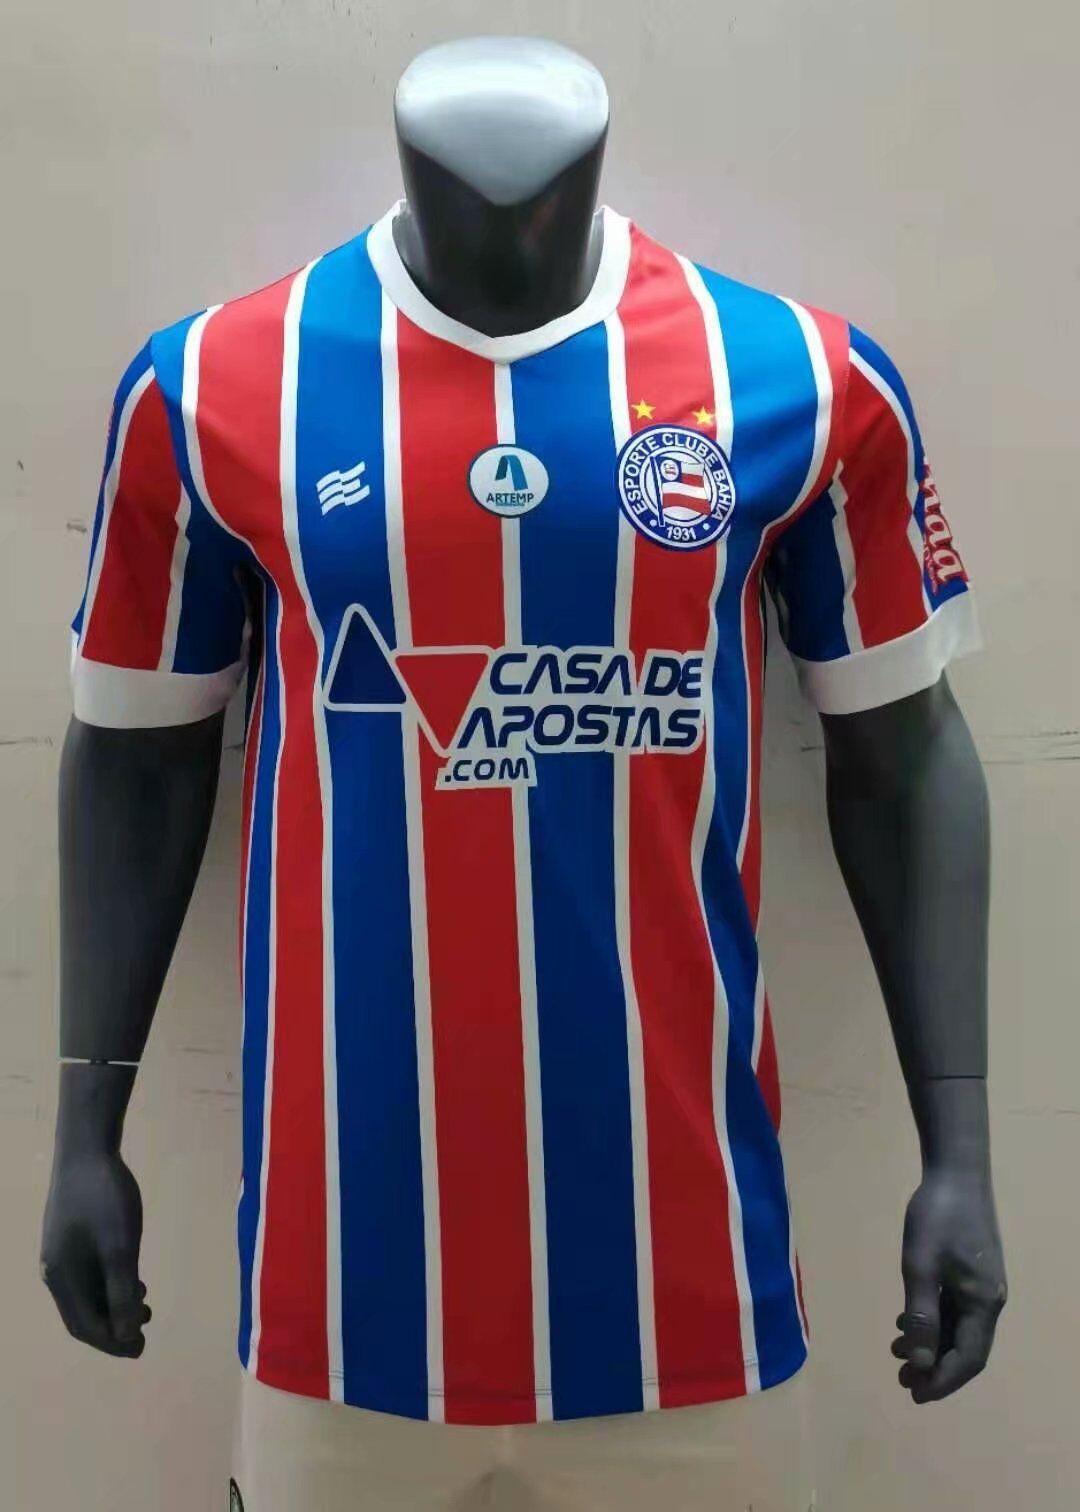 Acquista 2021 2022 Maglie Di Calcio BAHIA BAHIA Home Away 21 22 Jersey Di Camicia Da Calcio A 11,47 € Dal Xx233792844 | It.DHgate.Com